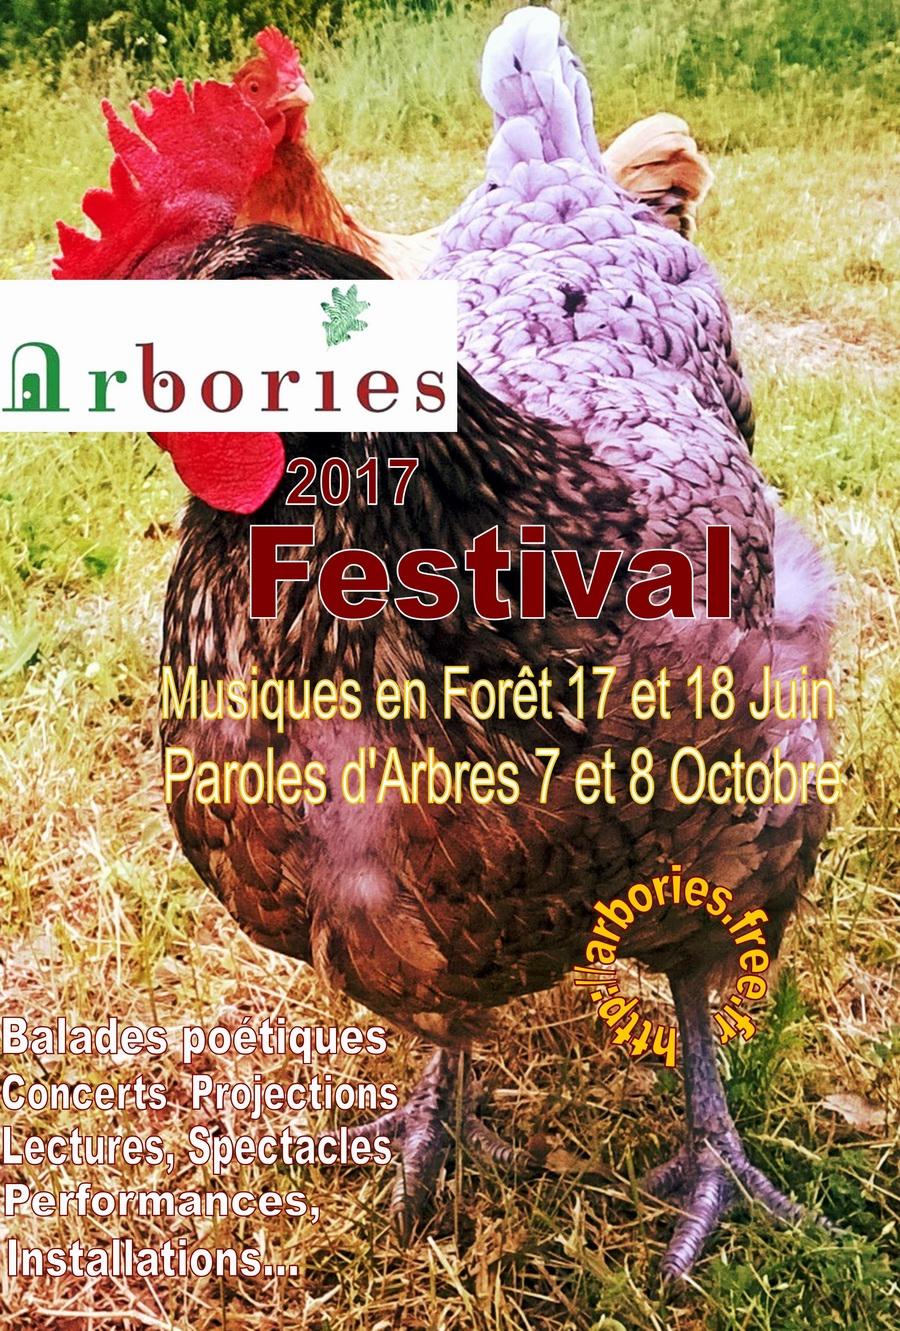 2017 Arbories WEB